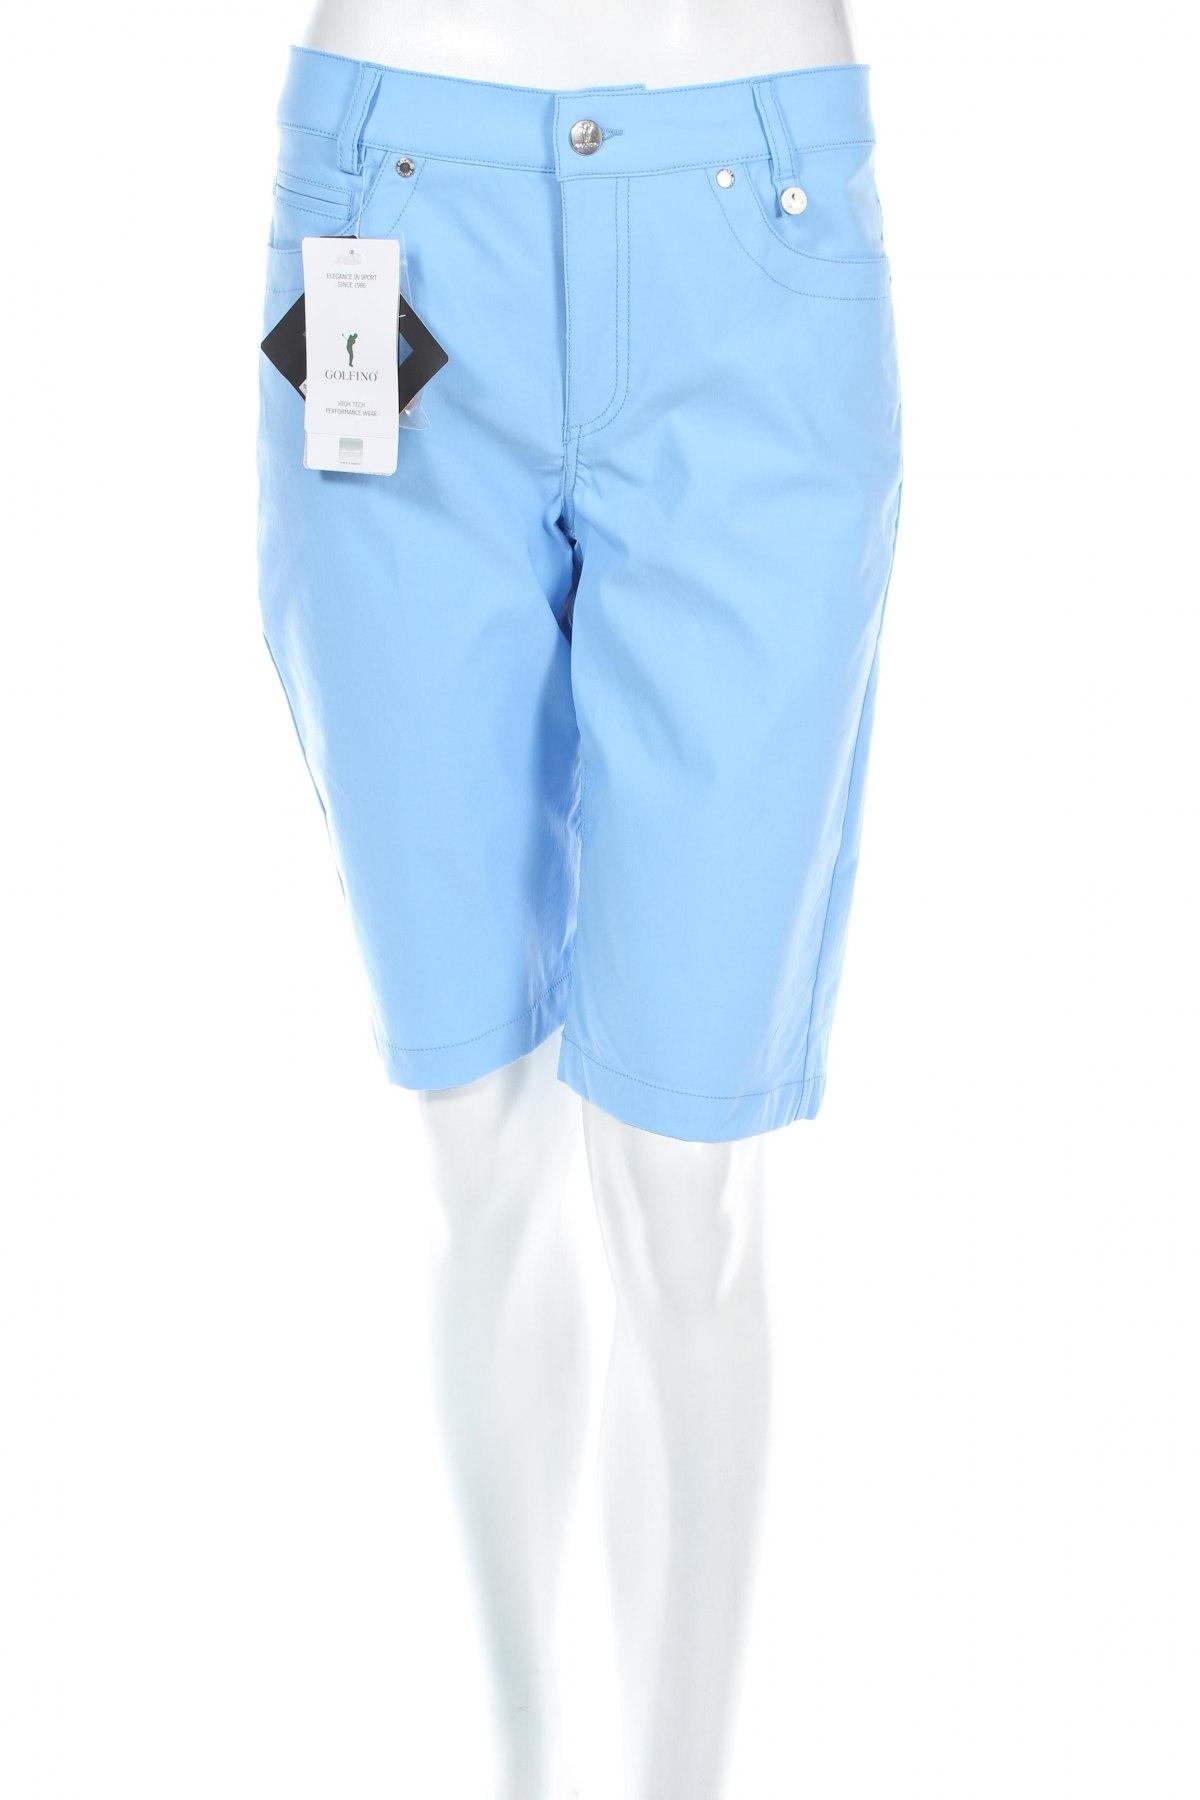 Дамски къс панталон Golfino, Размер M, Цвят Син, 94% полиамид, 6% еластан, Цена 28,50лв.